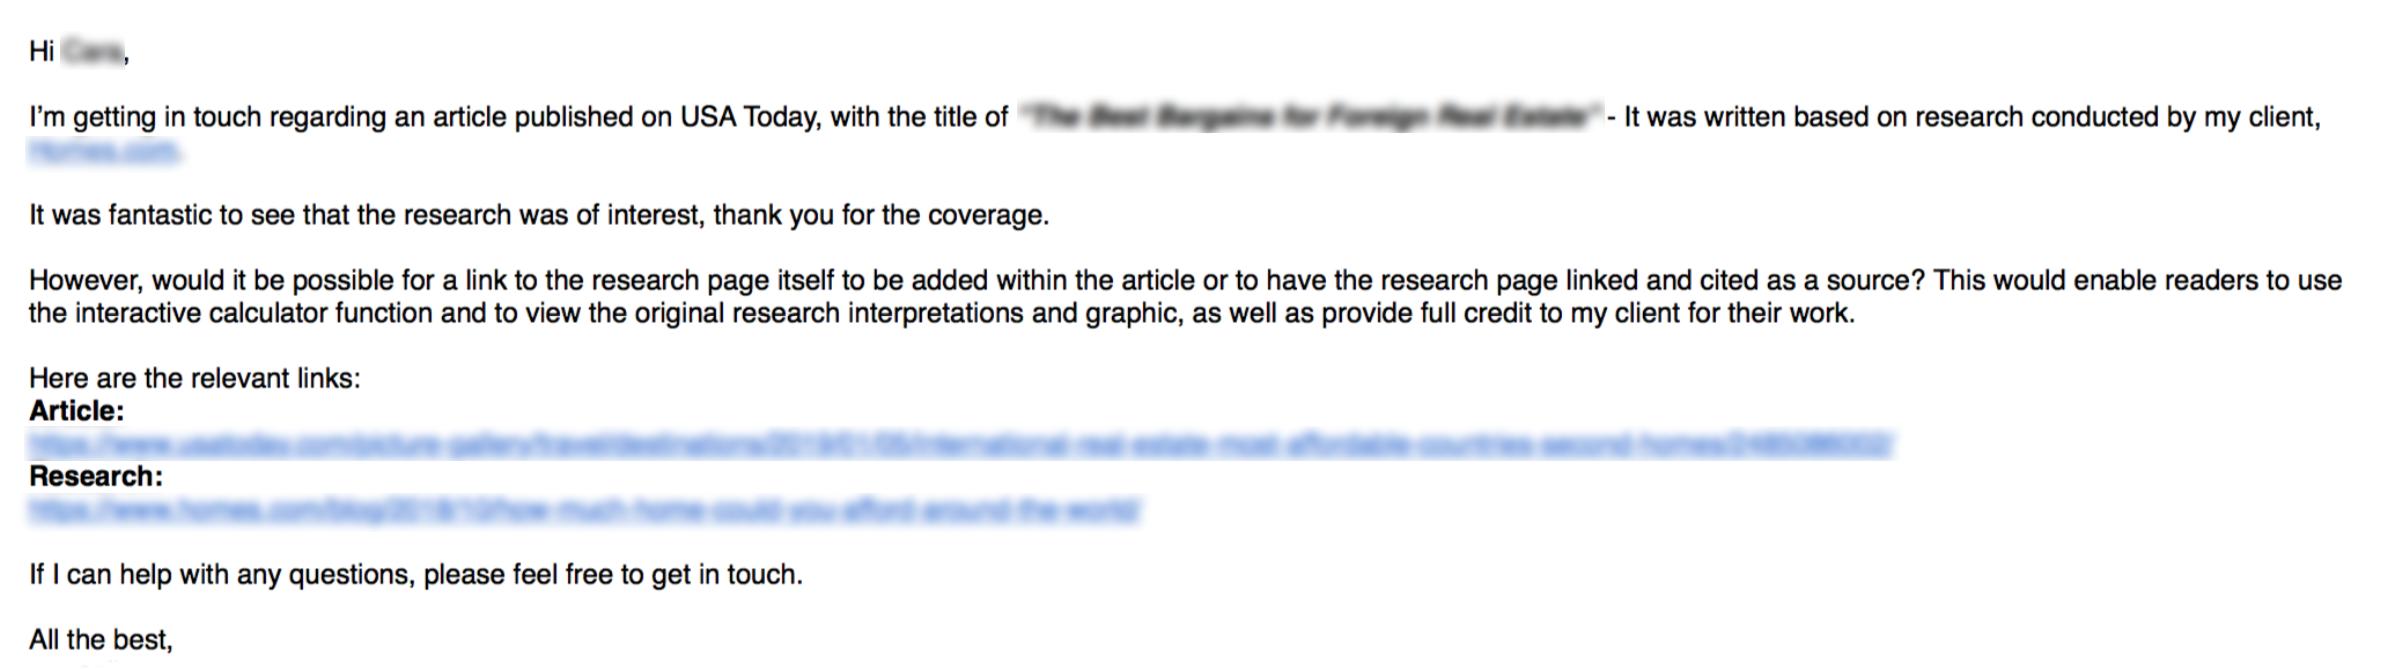 ejemplo de correo electrónico sobre cómo solicitar un vínculo de retroceso a una mención de marca actualmente desvinculada, particularmente cuando agrega valor al lector